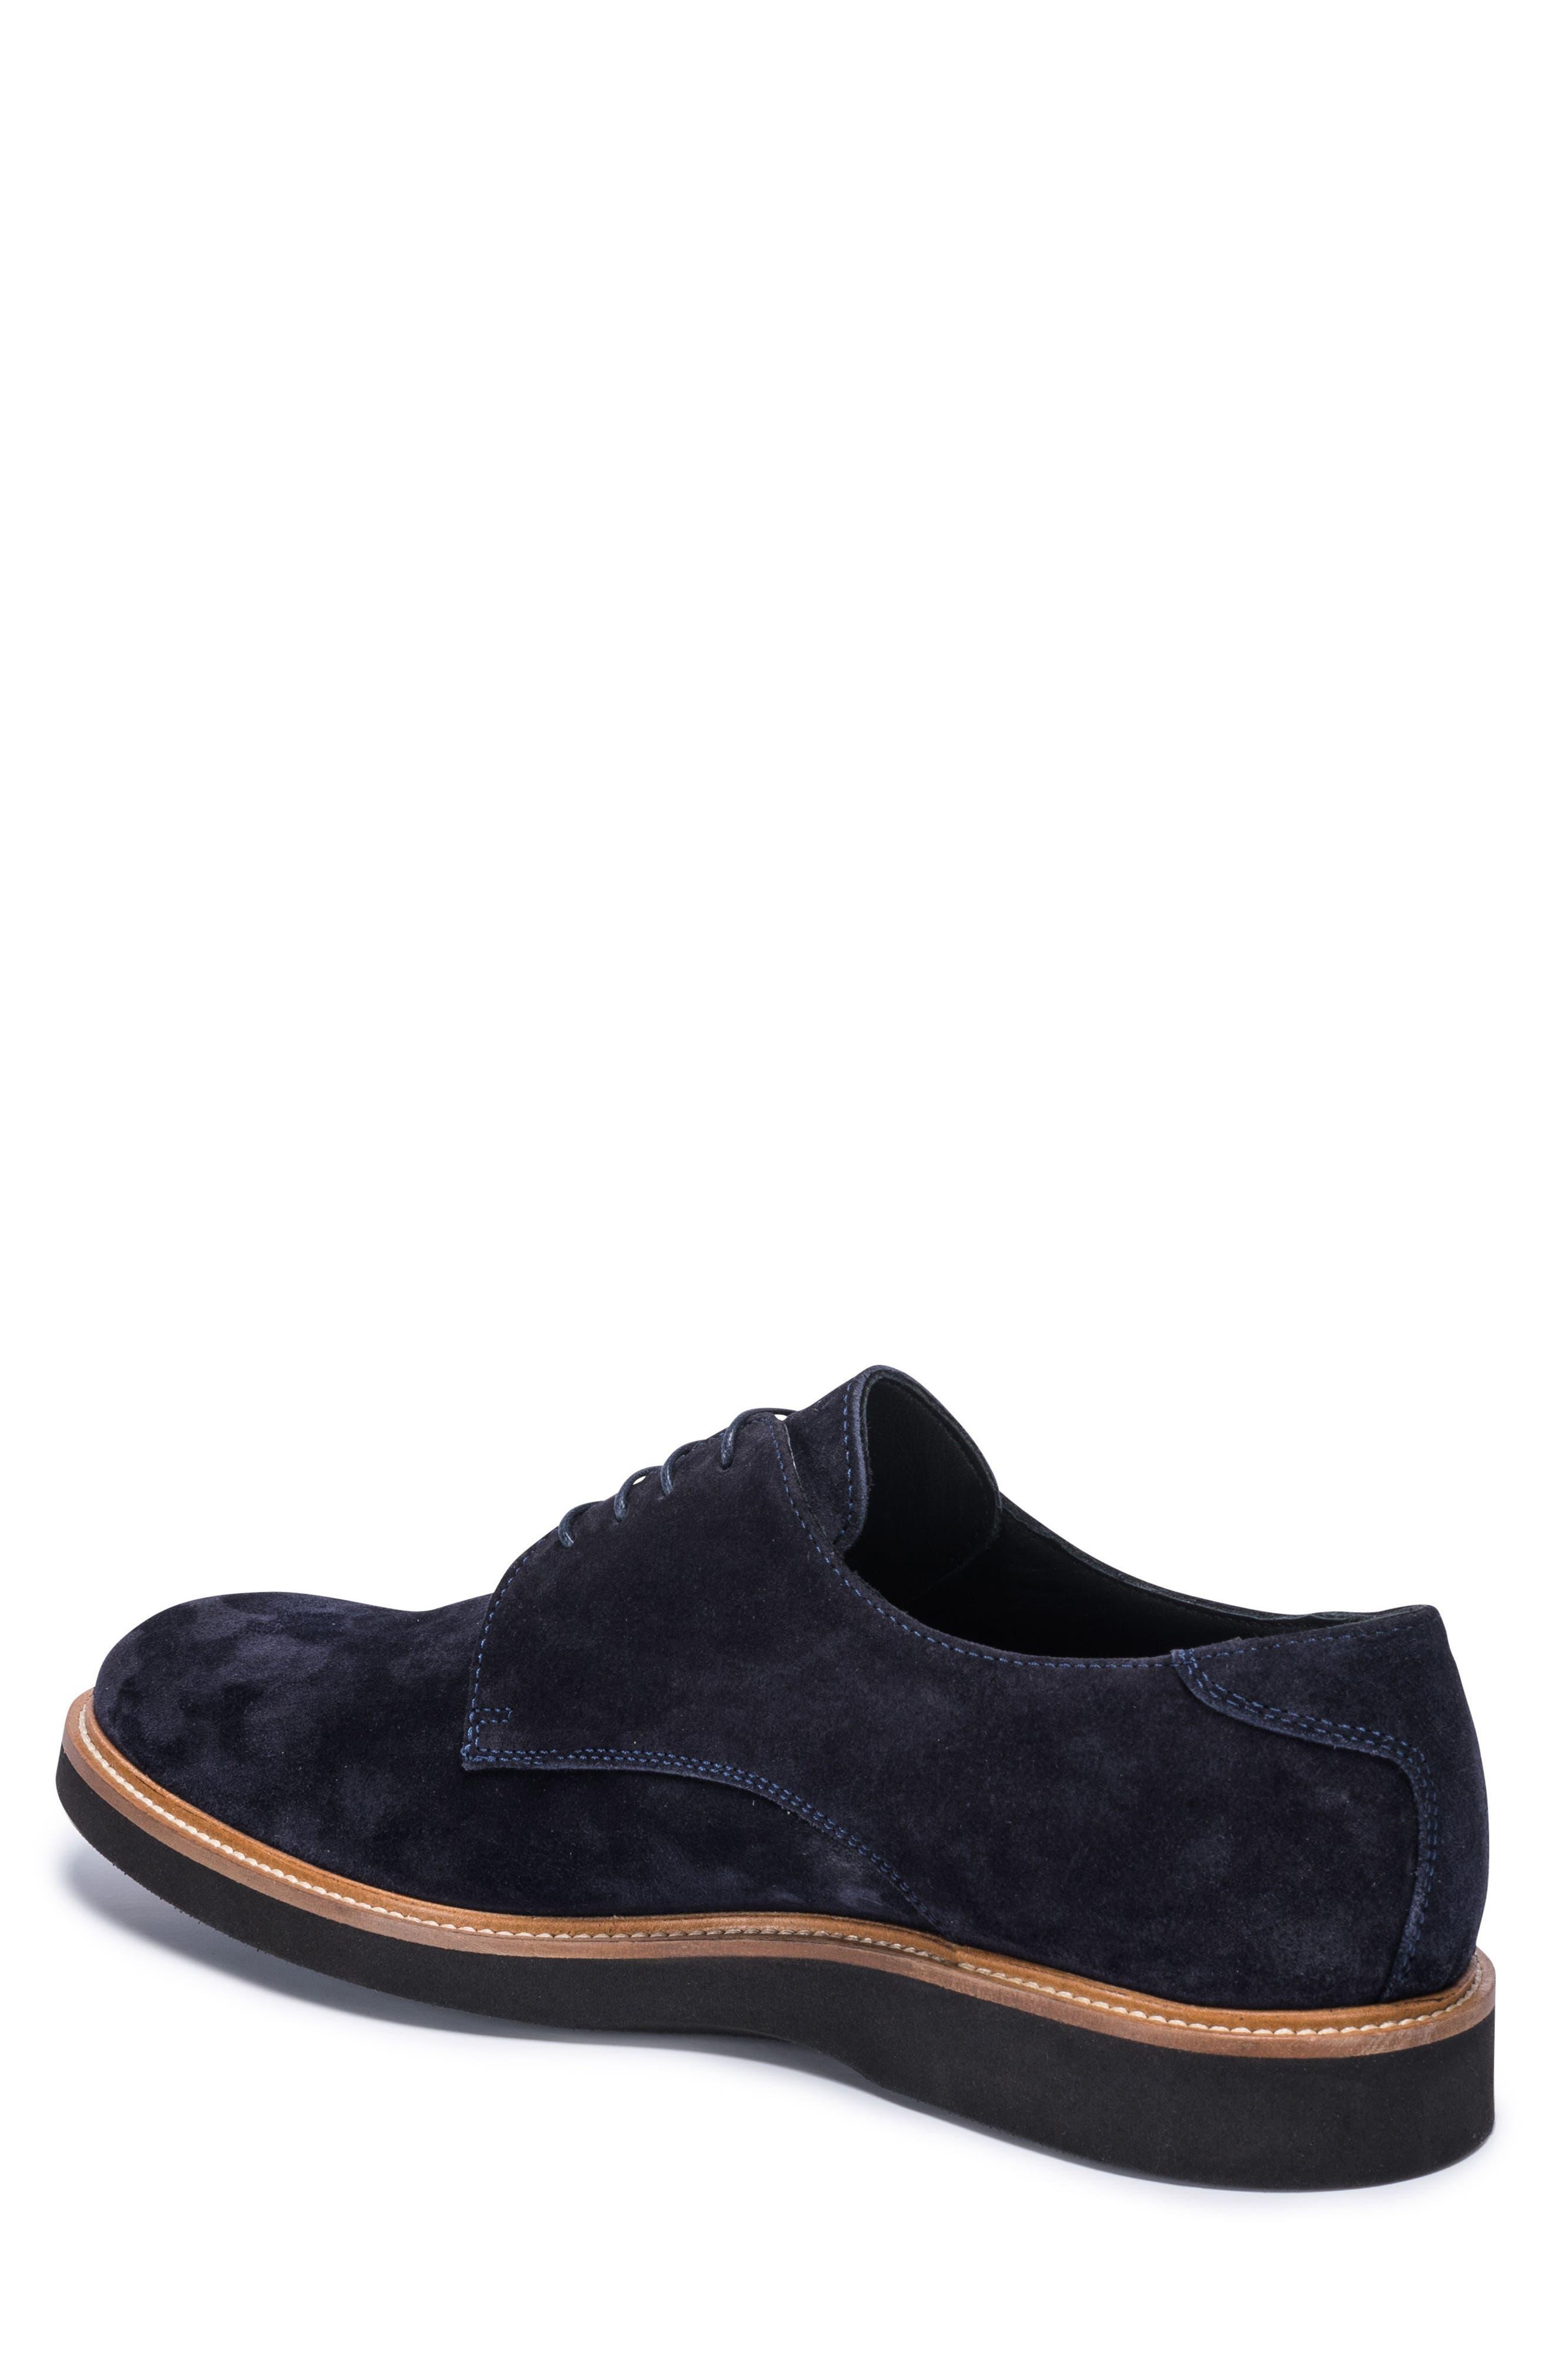 Siena Plain Toe Derby,                             Alternate thumbnail 2, color,                             BLUE SUEDE